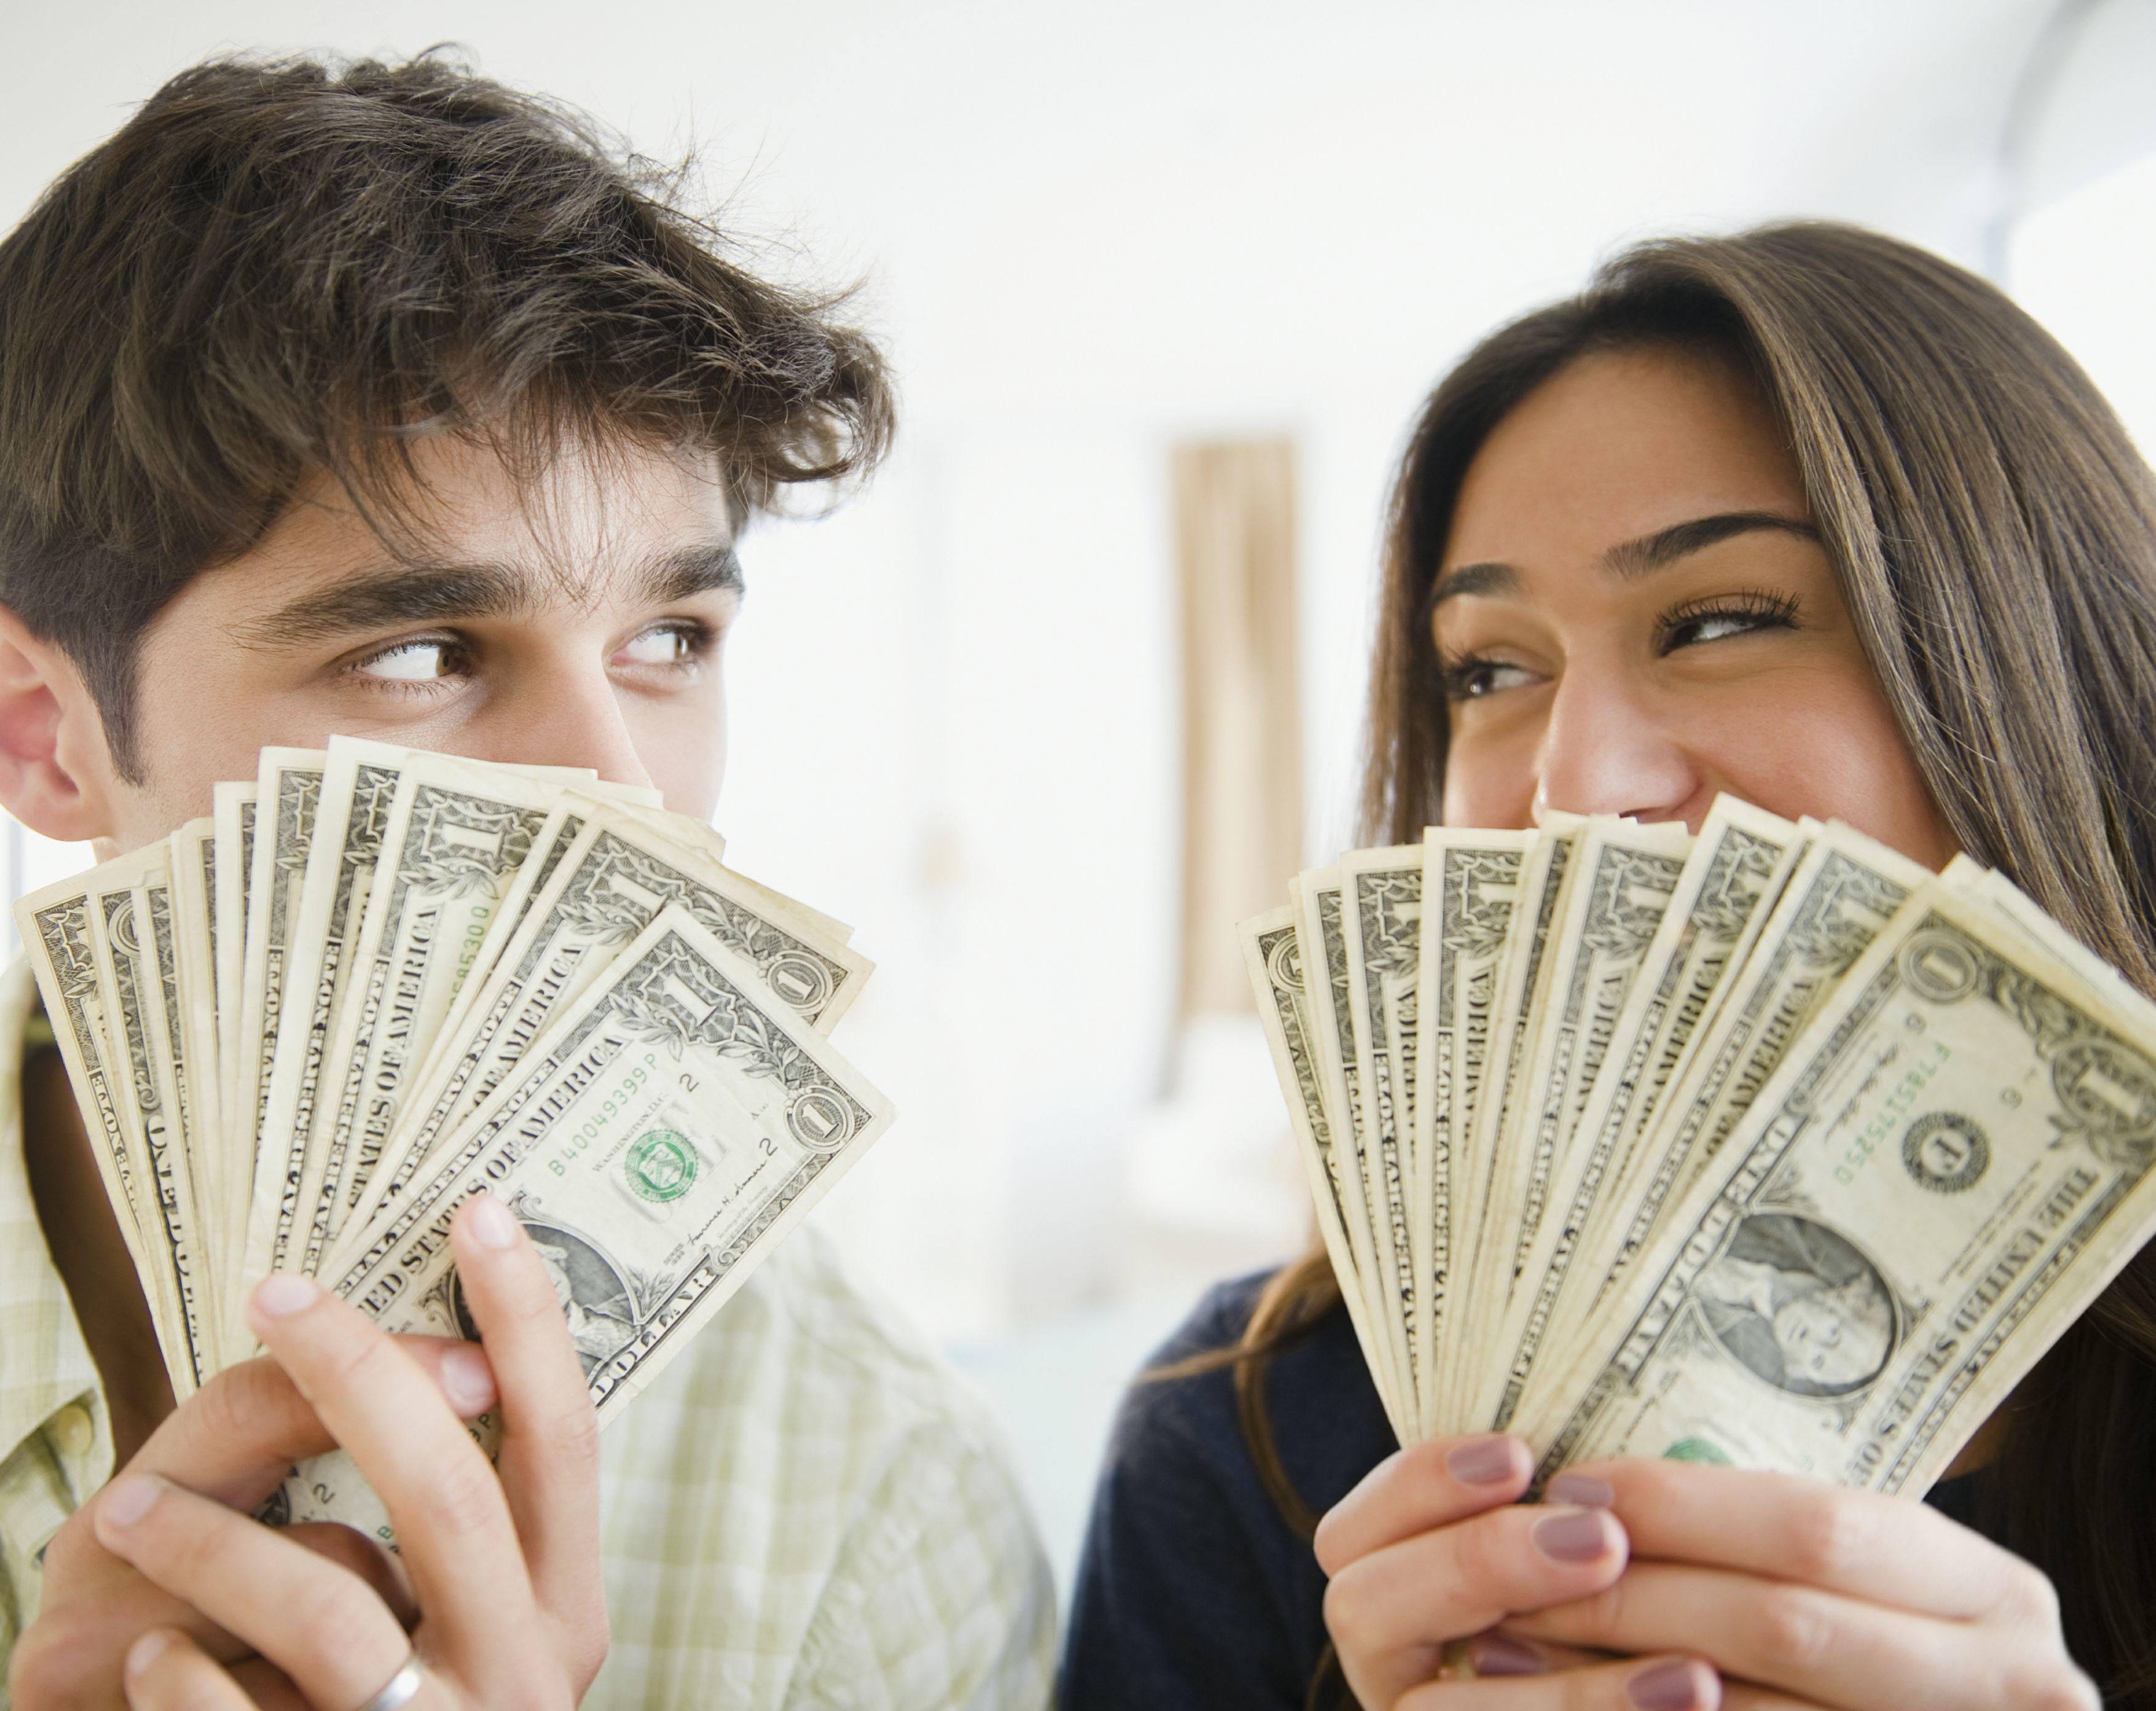 【金豐能源一共幾棟】銀行突然給10萬元備付金,月息0.75%,但必須分期,值得借嗎?